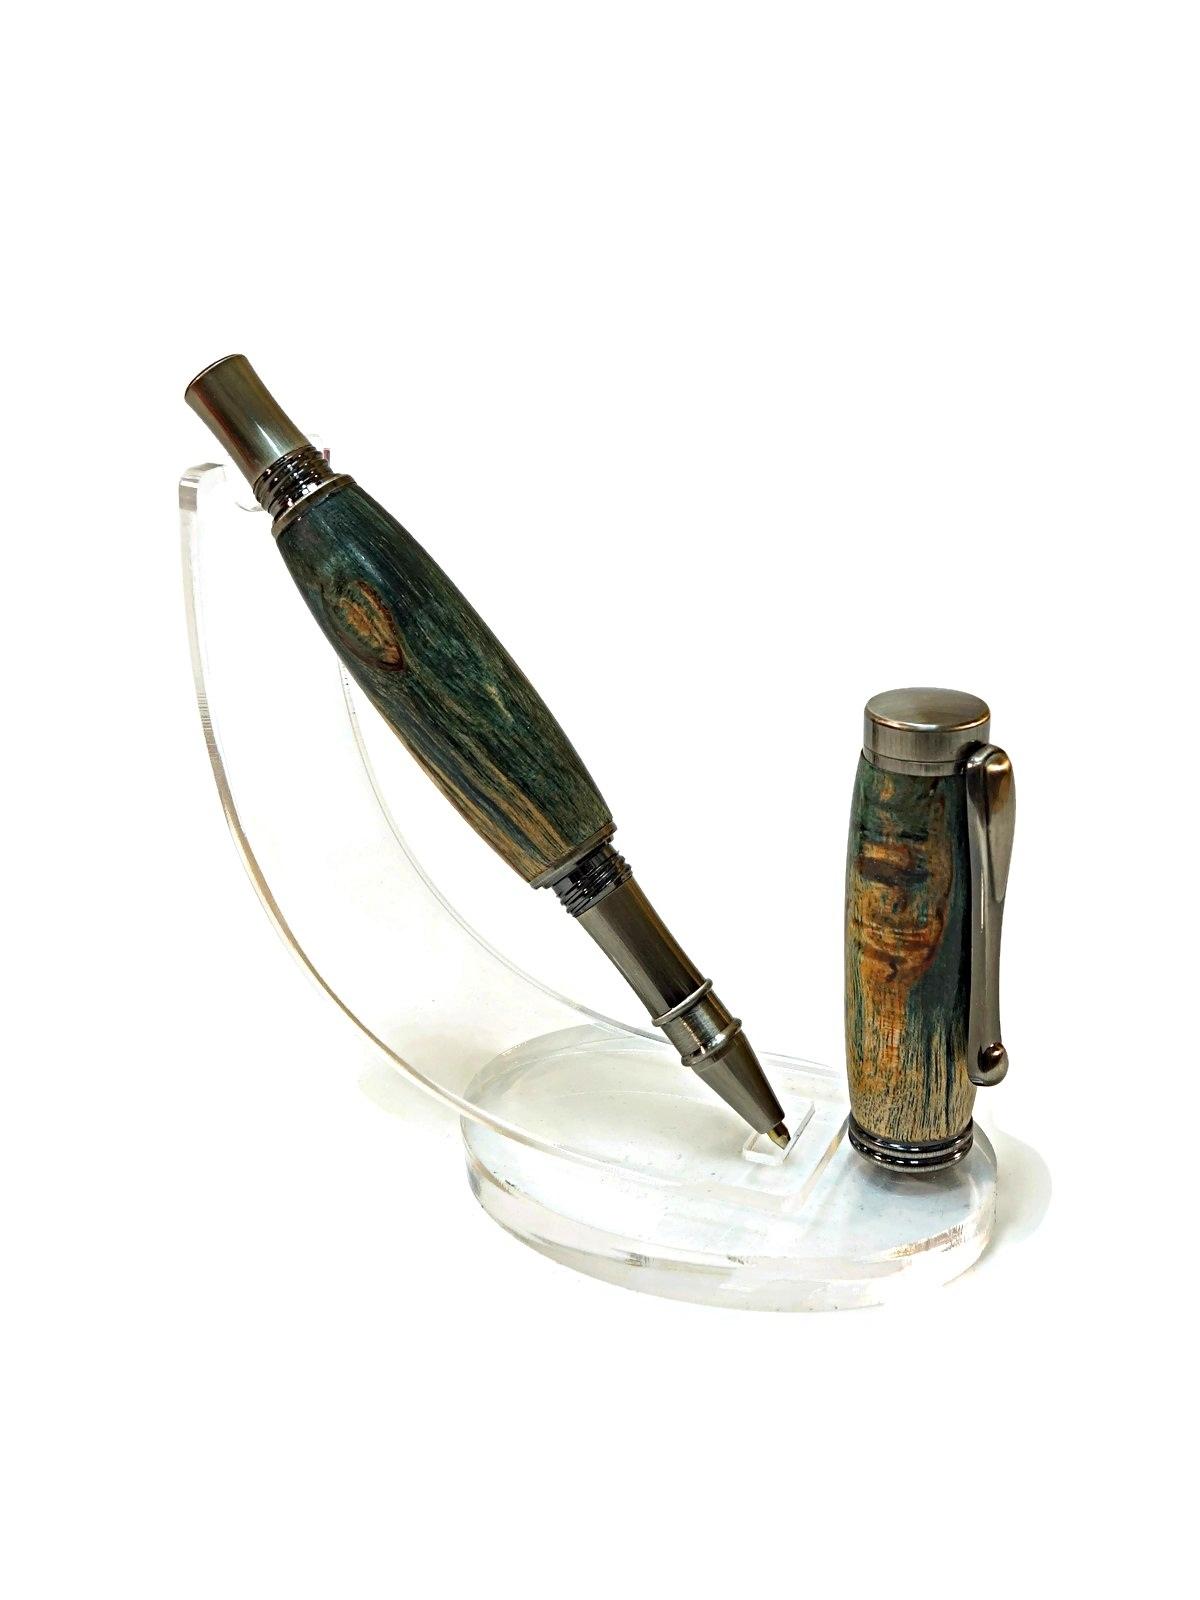 подарок ручка/вип-подарок, подарочные авторучки